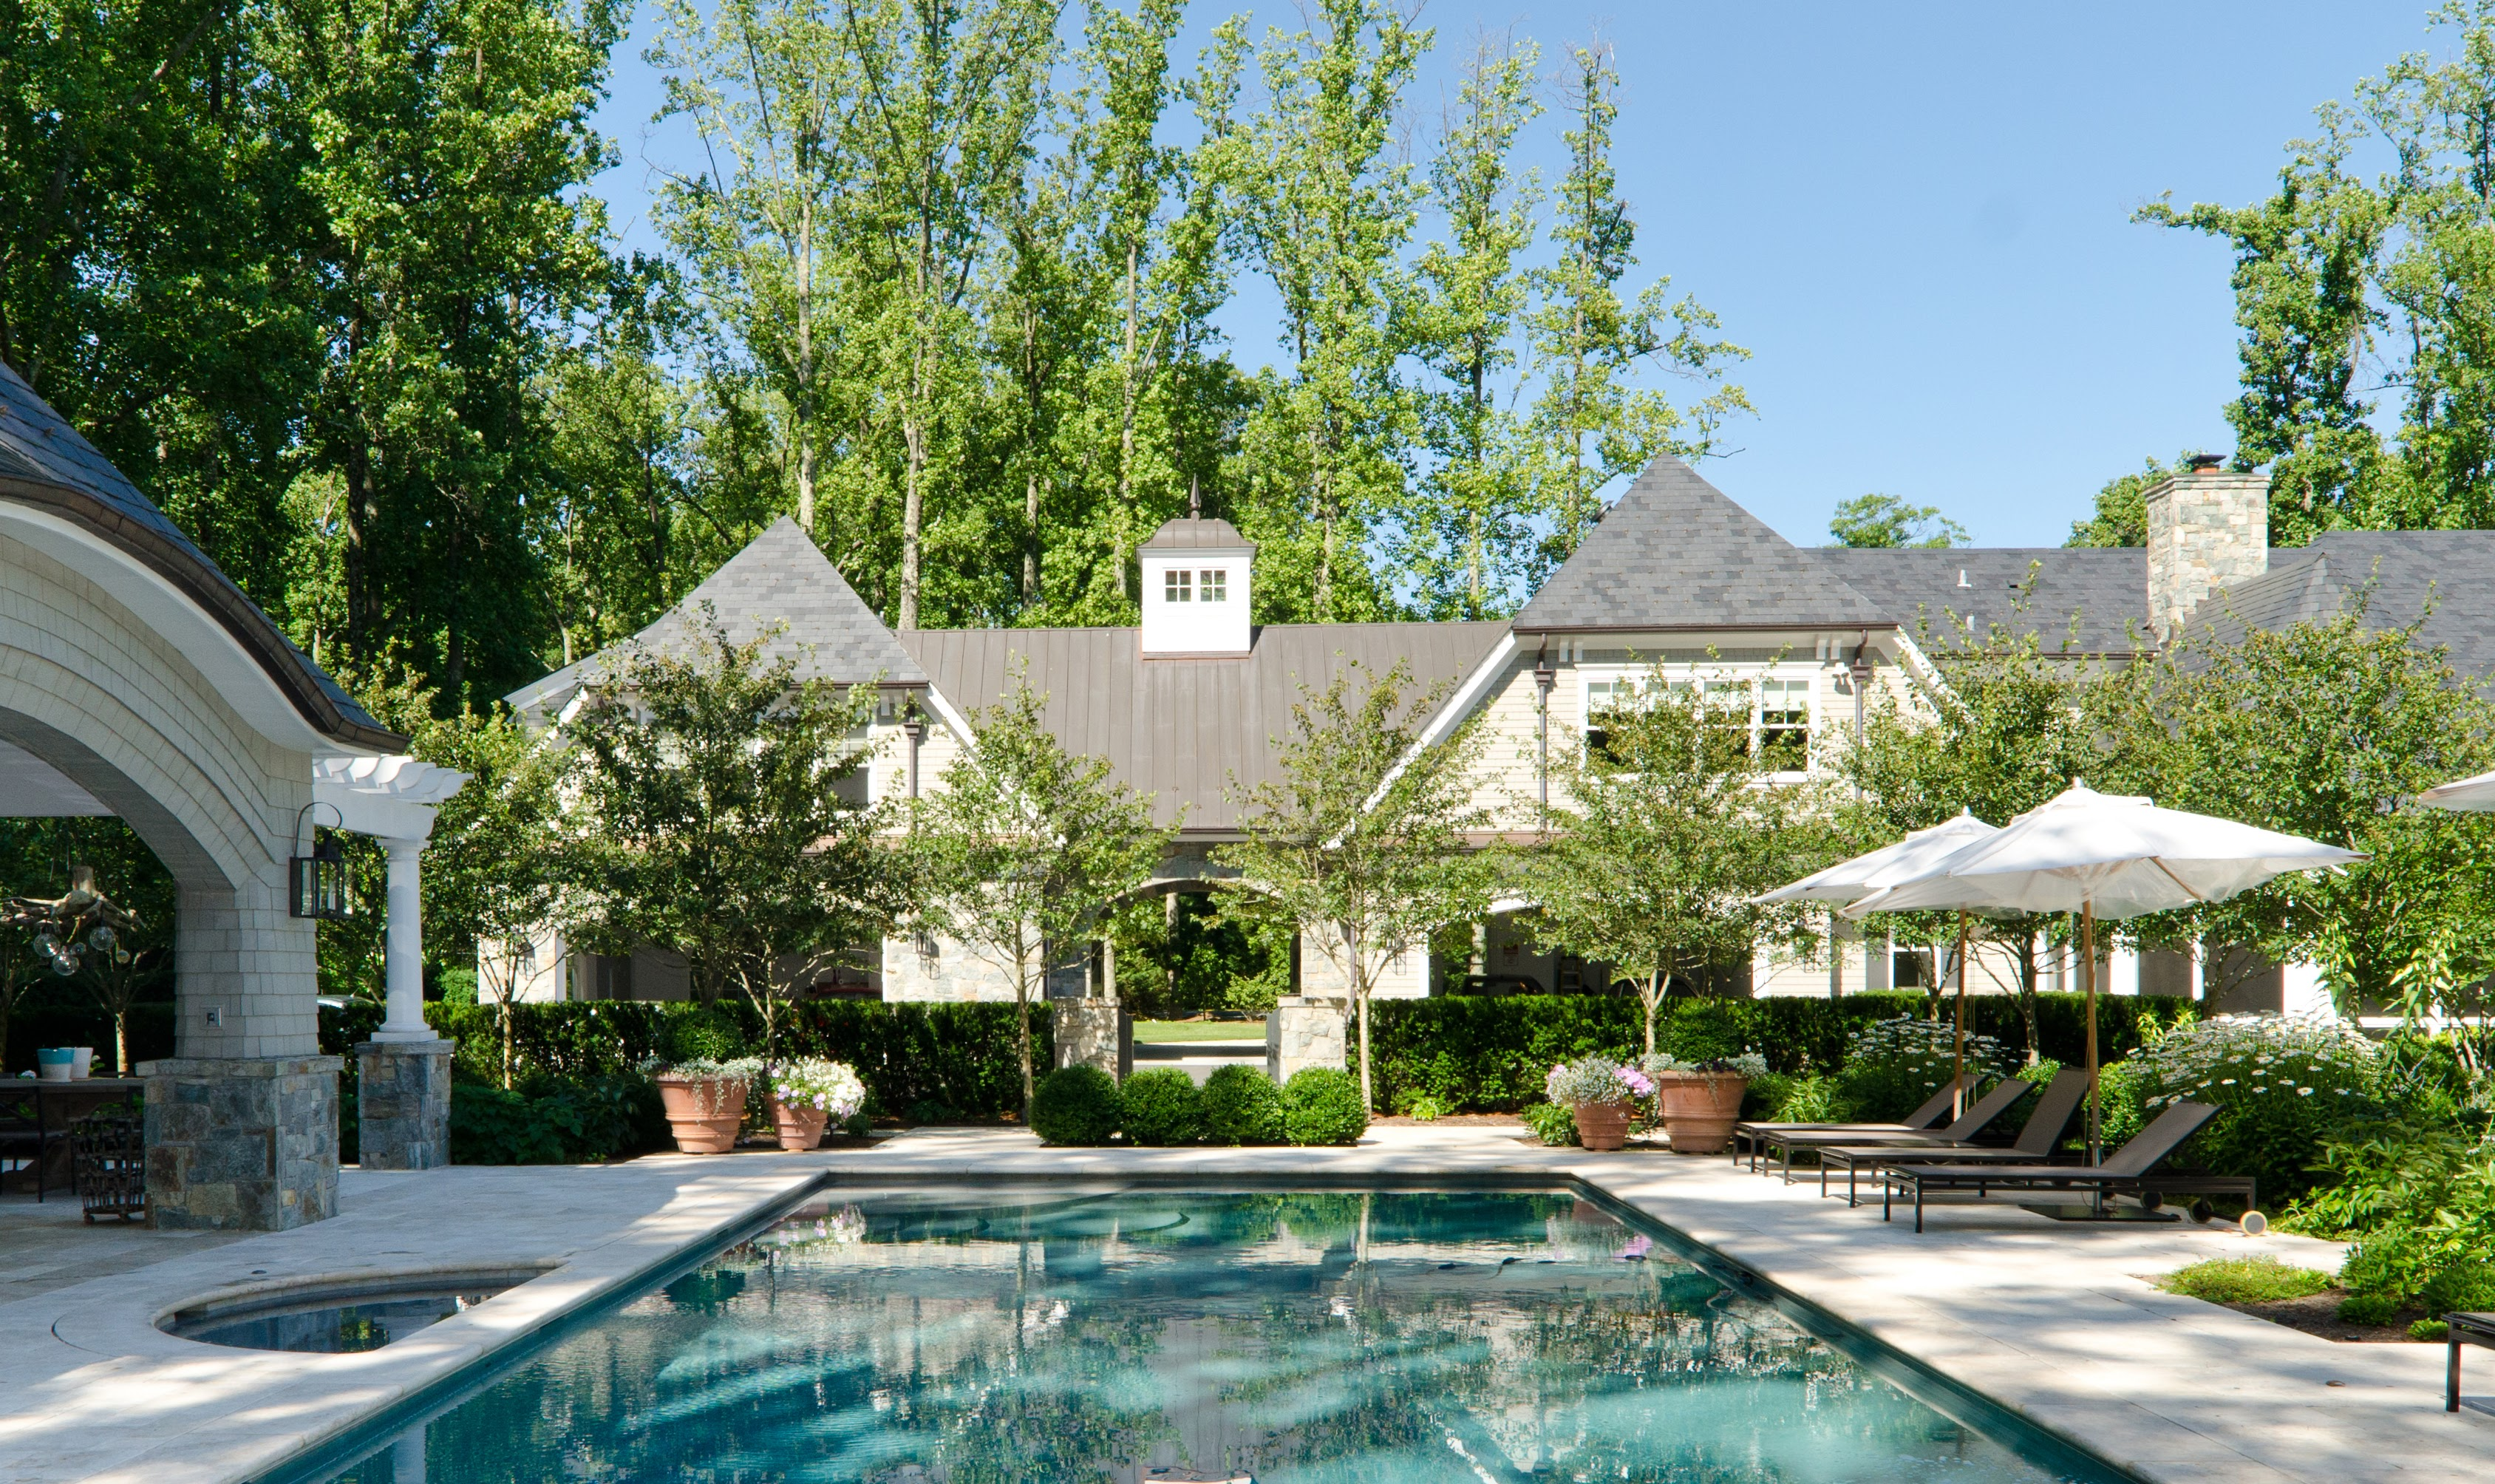 Persimmon Tree Residence